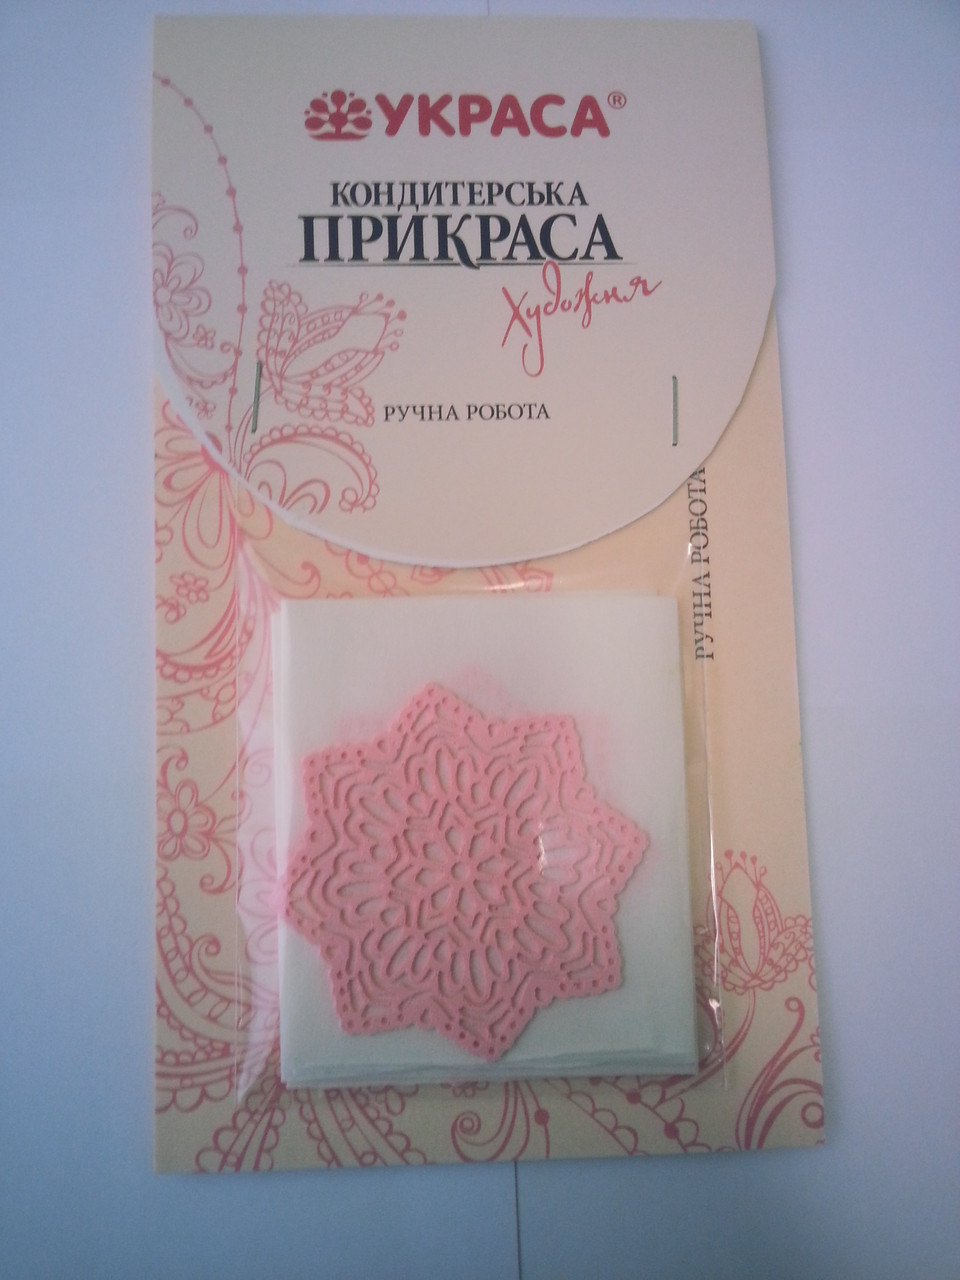 Гибкое кружево листочки, цветочки (съедобная) Ассорти (код 04289)